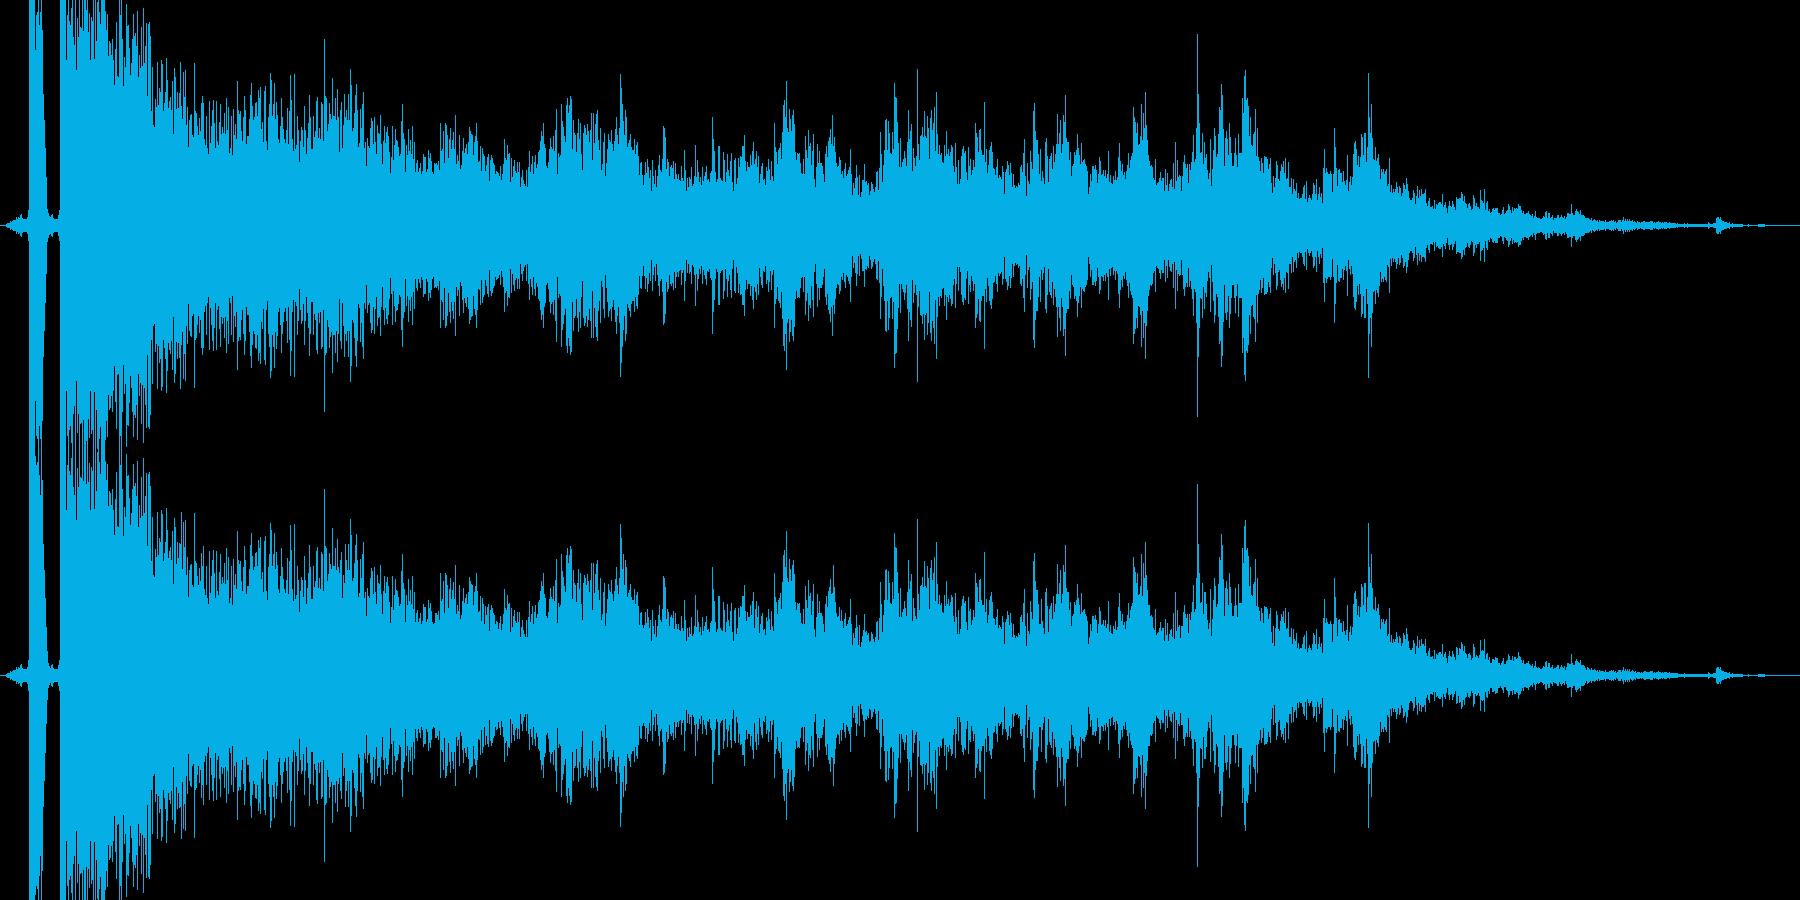 ガラス,窓ガラス,グラスが割れる効果音3の再生済みの波形